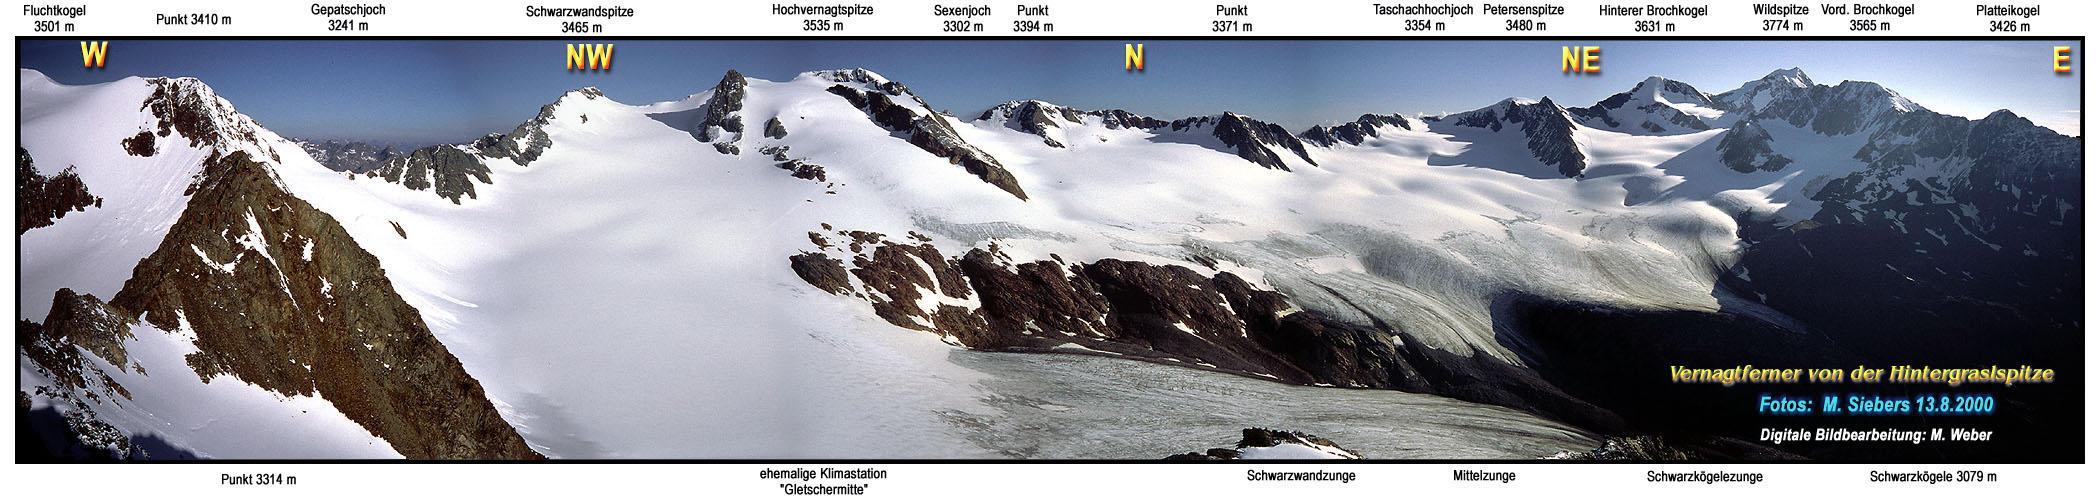 Panoramaansicht des Vernagtferners - glaziologie.de